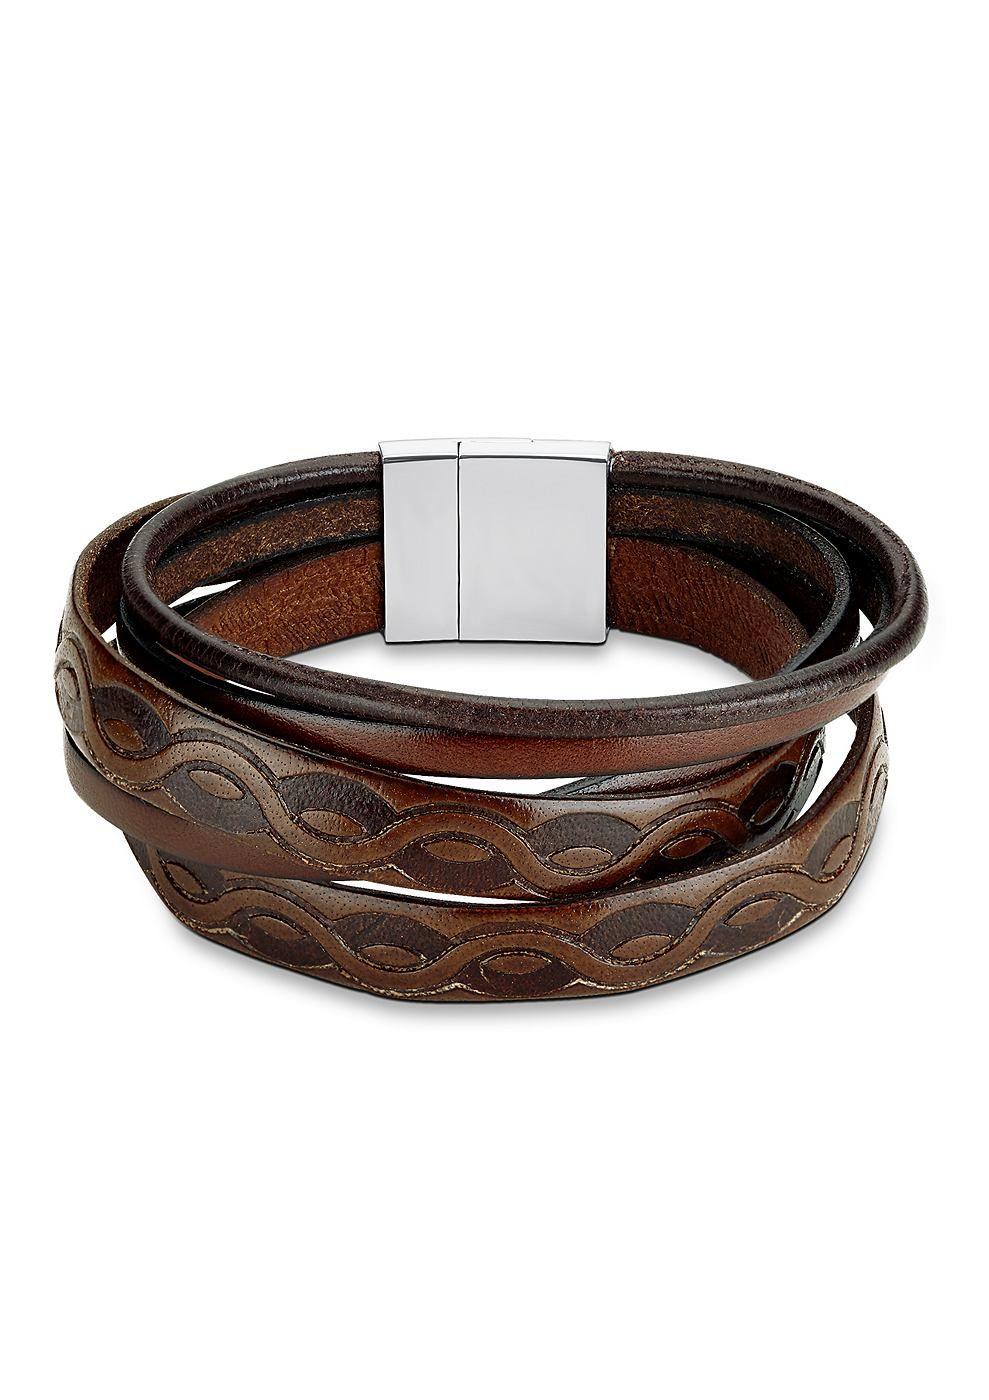 Lederarmband, »SO1287/1«, s.Oliver. Dieses 5-rhg. Armband passt ausgezeichnet zu lässiger Männermode! Durch die unterschiedlich breiten Lederbänder, mit einer Gesamtbreite von ca. 20 mm, entsteht ein außergewöhnliches Design. Die braune Farbe des Leders wirkt natürlich und ist teilweise strukturiert. Der Armschmuck hat eine Länge von ca. 21 cm. Der glänzende Magnetverschluss ist aus massivem Ed...